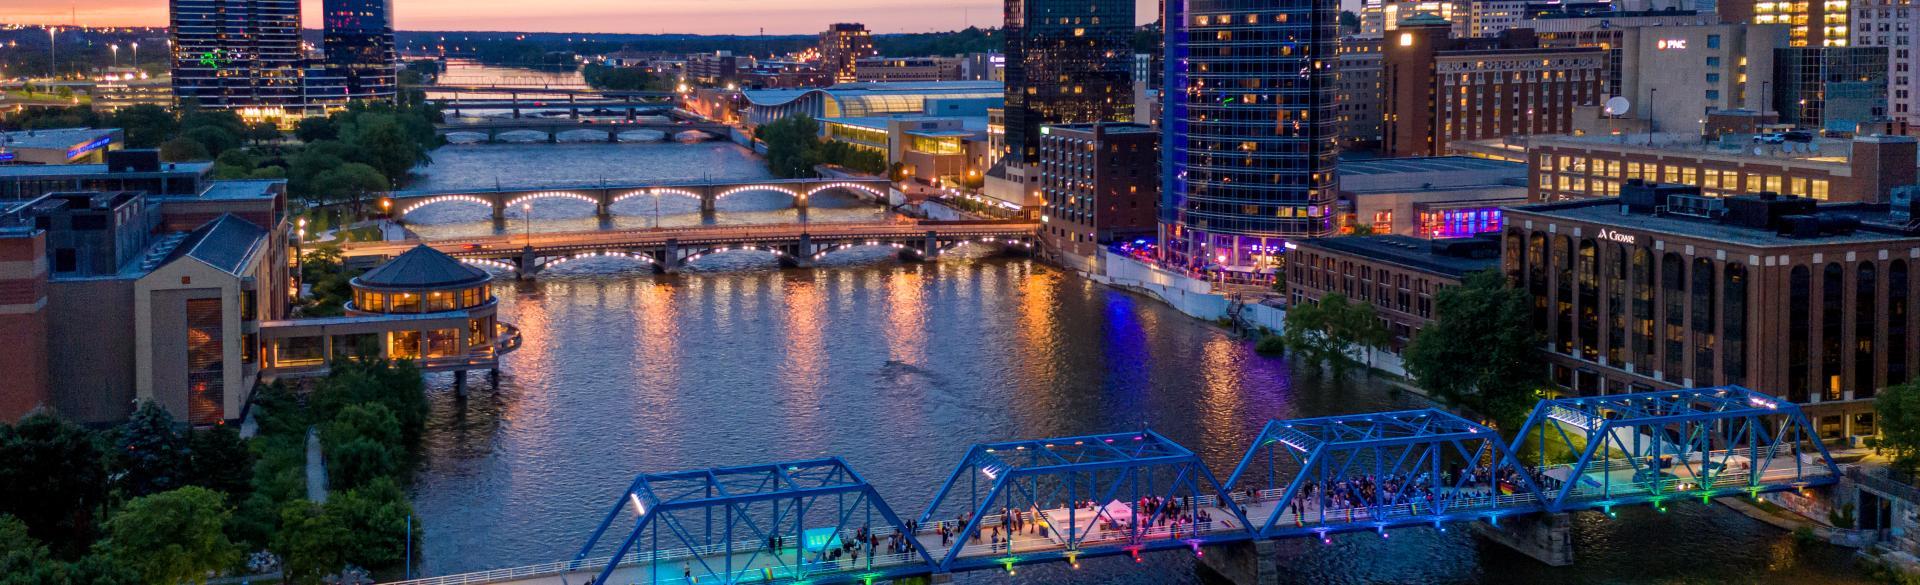 The Blue Bridge will be the site for Rafael Lozano-Hemmer's installation: <i>Voice Bridge</i>.